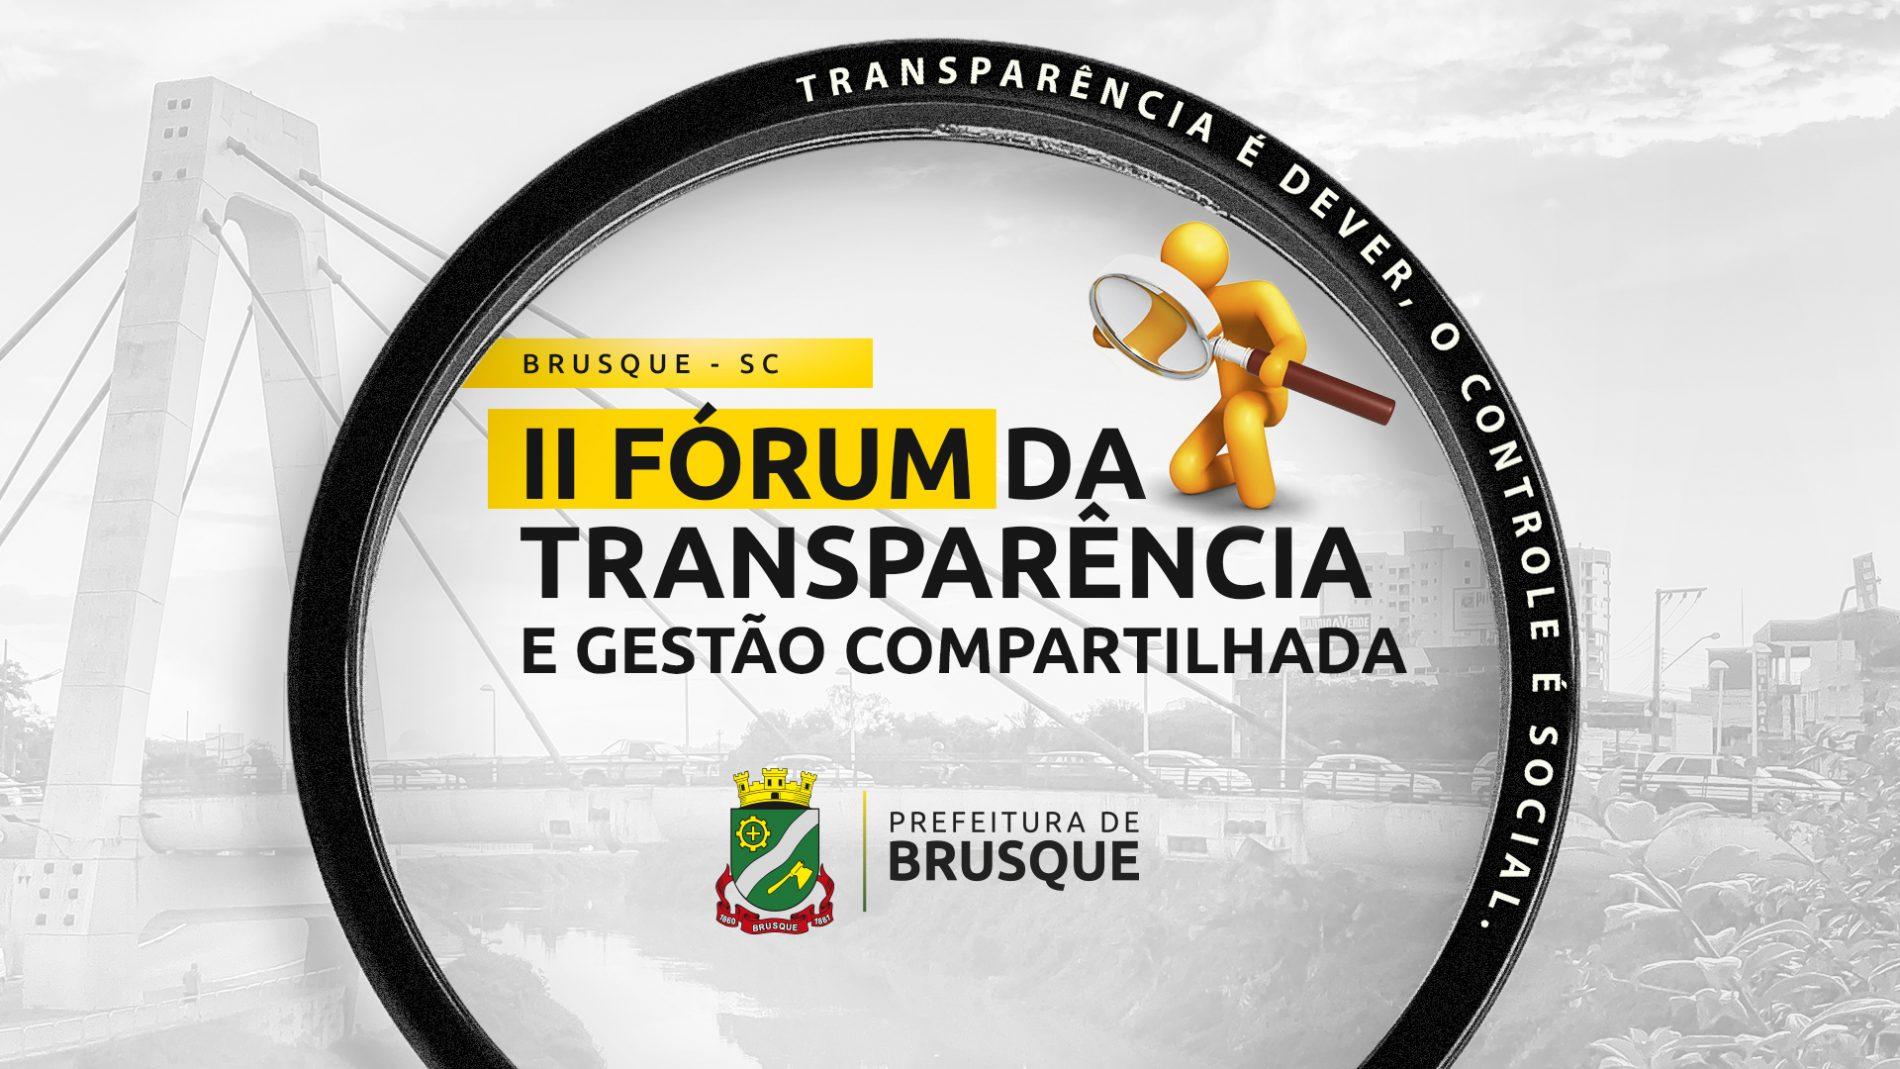 Vem aí mais um Fórum da Transparência!